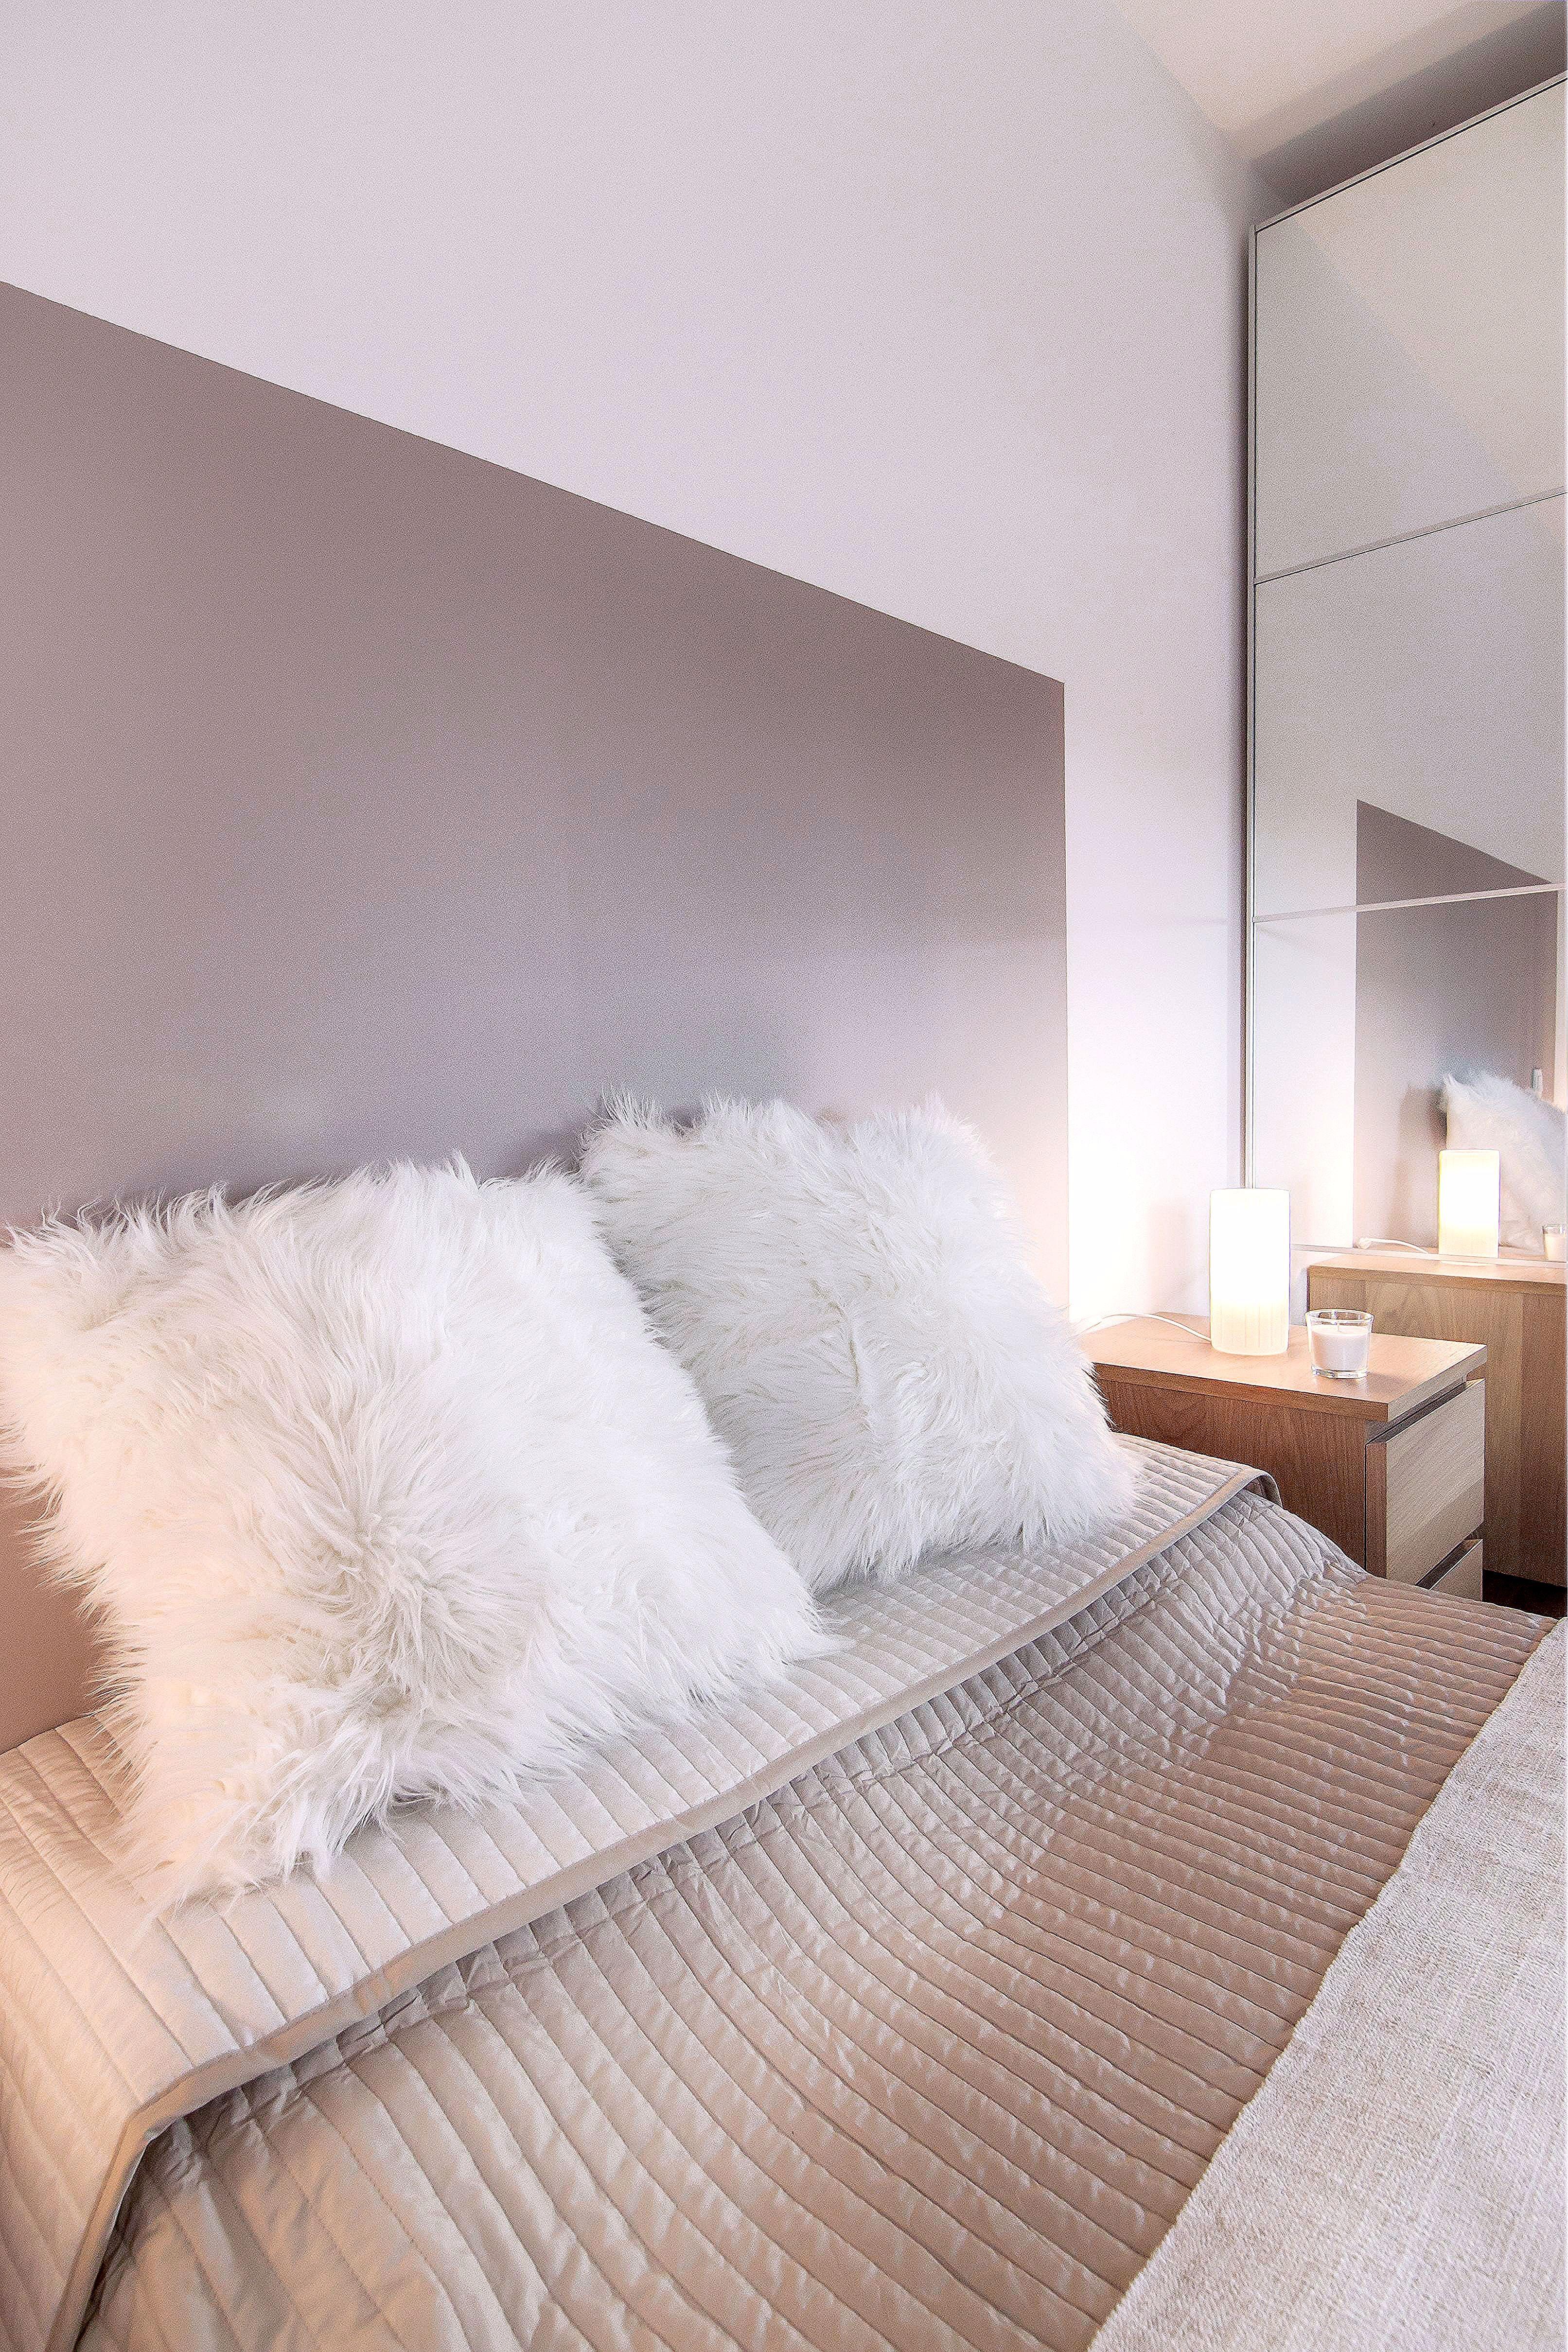 Décoration Chambre Taupe Et Beige meubles de chambre de bébé | white bedroom, cozy bedroom, room